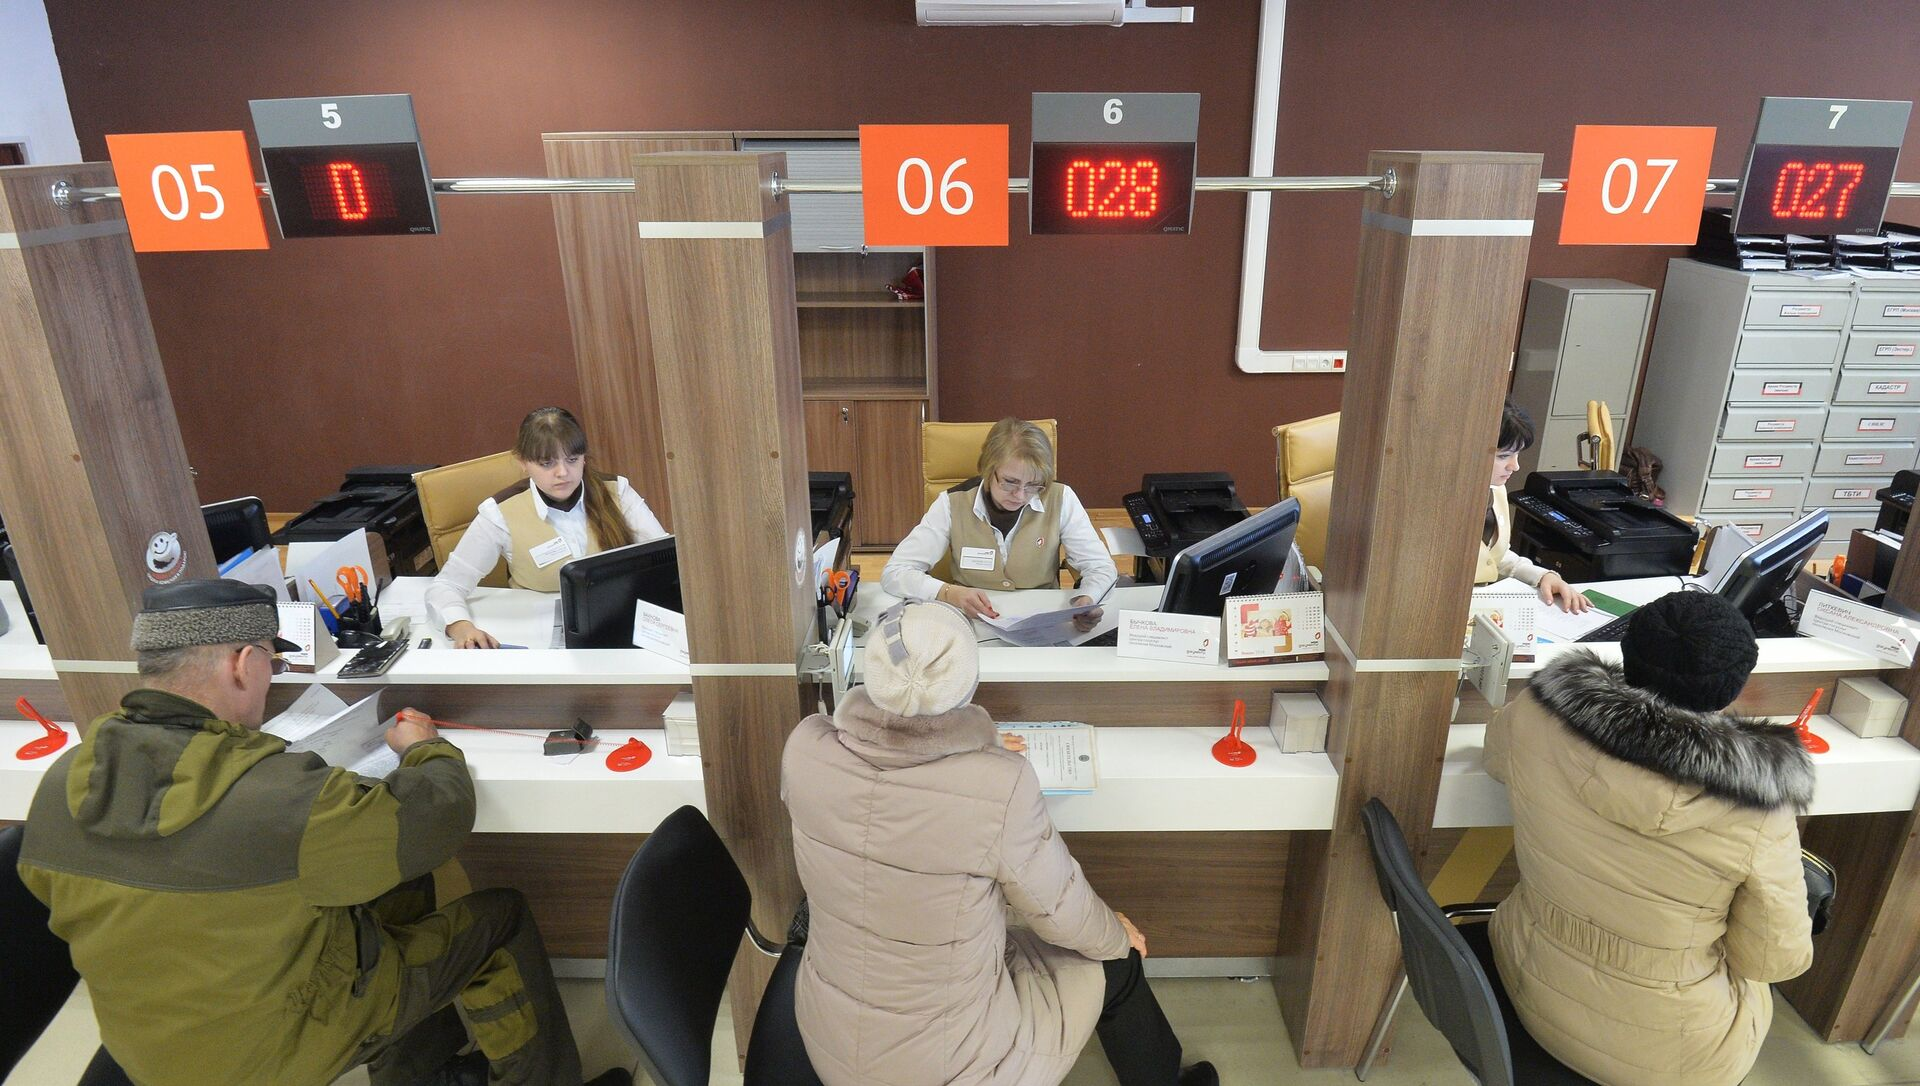 Un centro multifuncional de servicios estatales, donde se suele resolver una multitud de las cuestiones cotidianas de los ciudadanos rusos (imagen referencial) - Sputnik Mundo, 1920, 26.01.2018